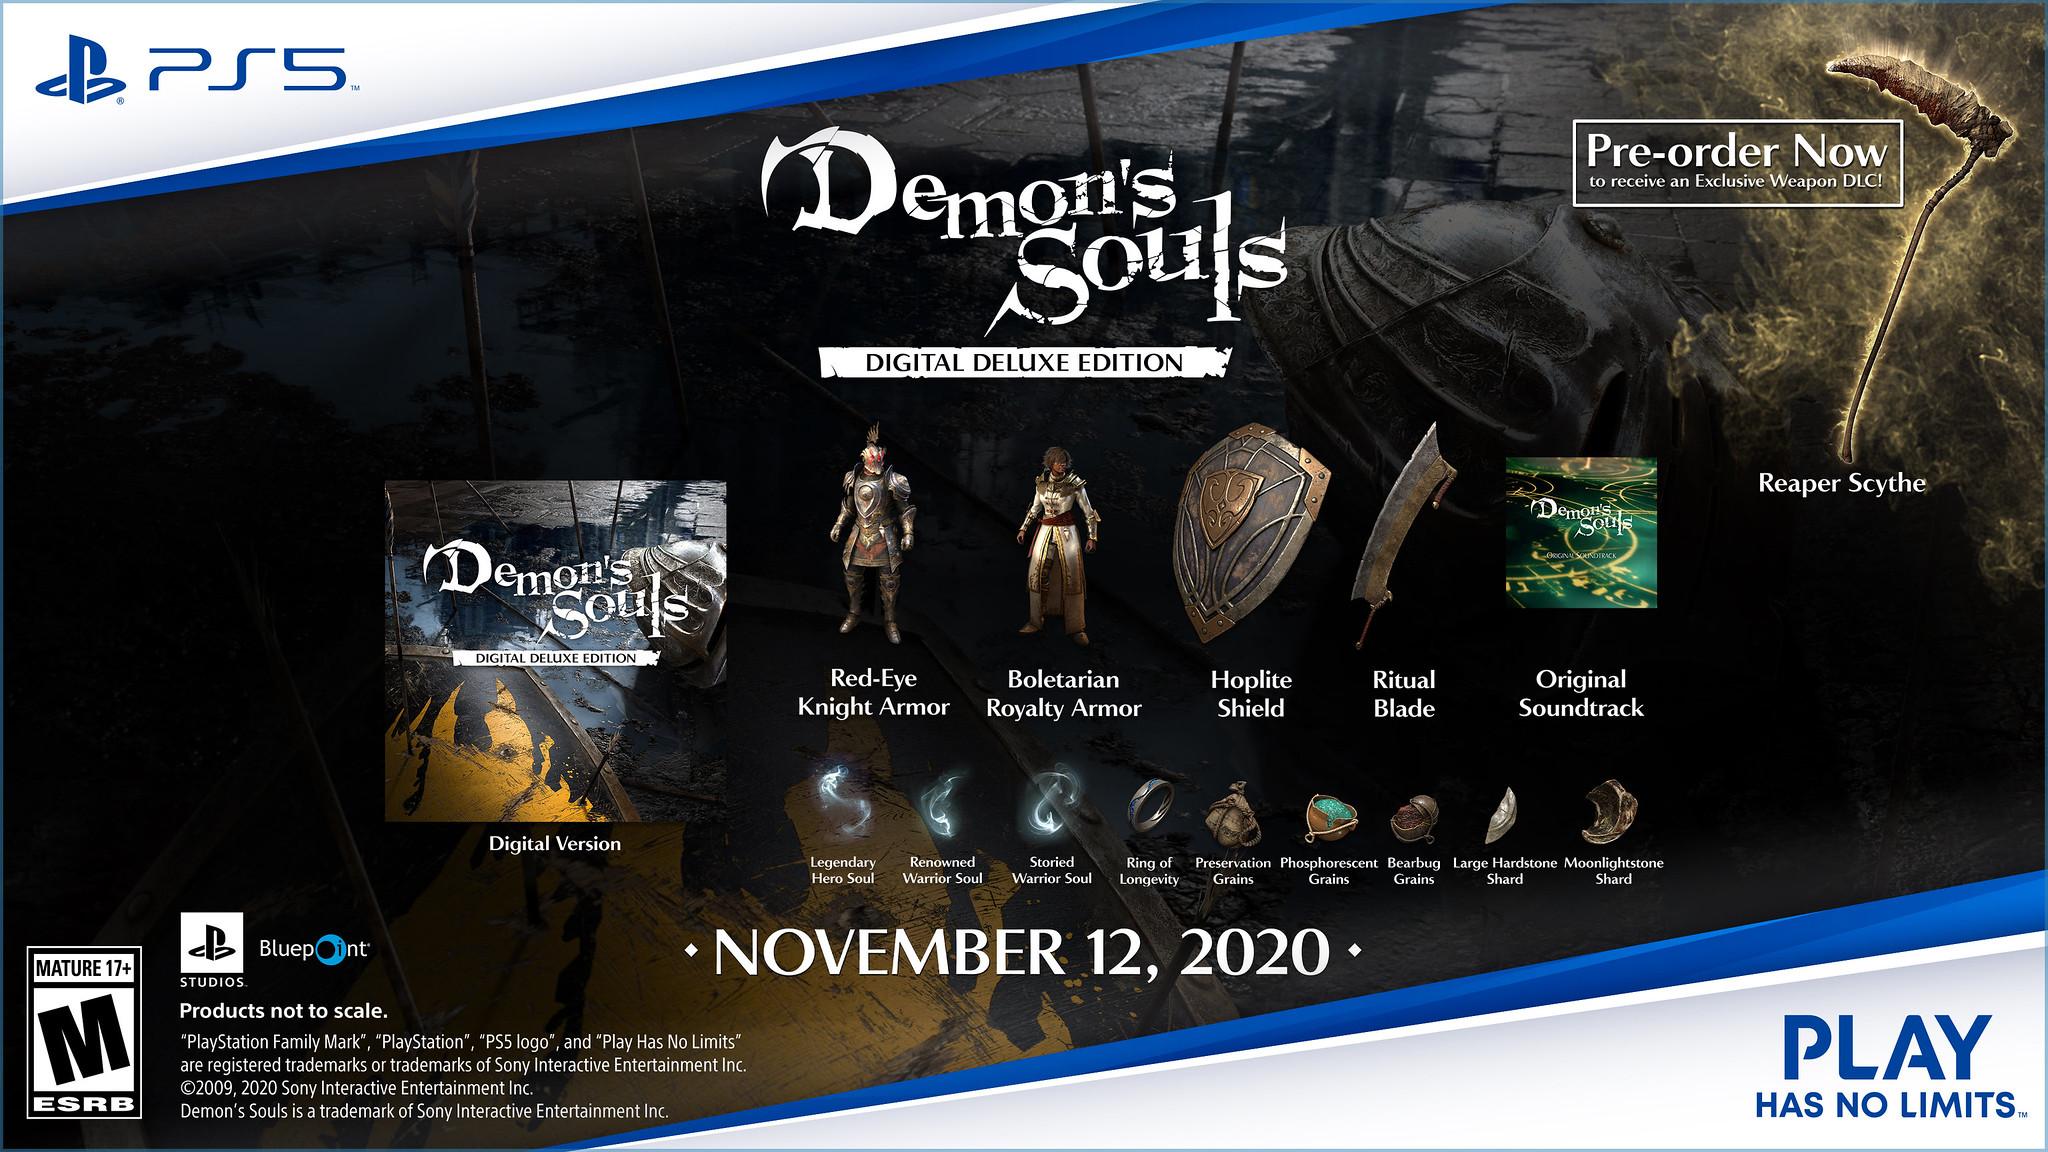 《恶魔之魂:重制版》新截图公开 数字豪华版可以开启预购了